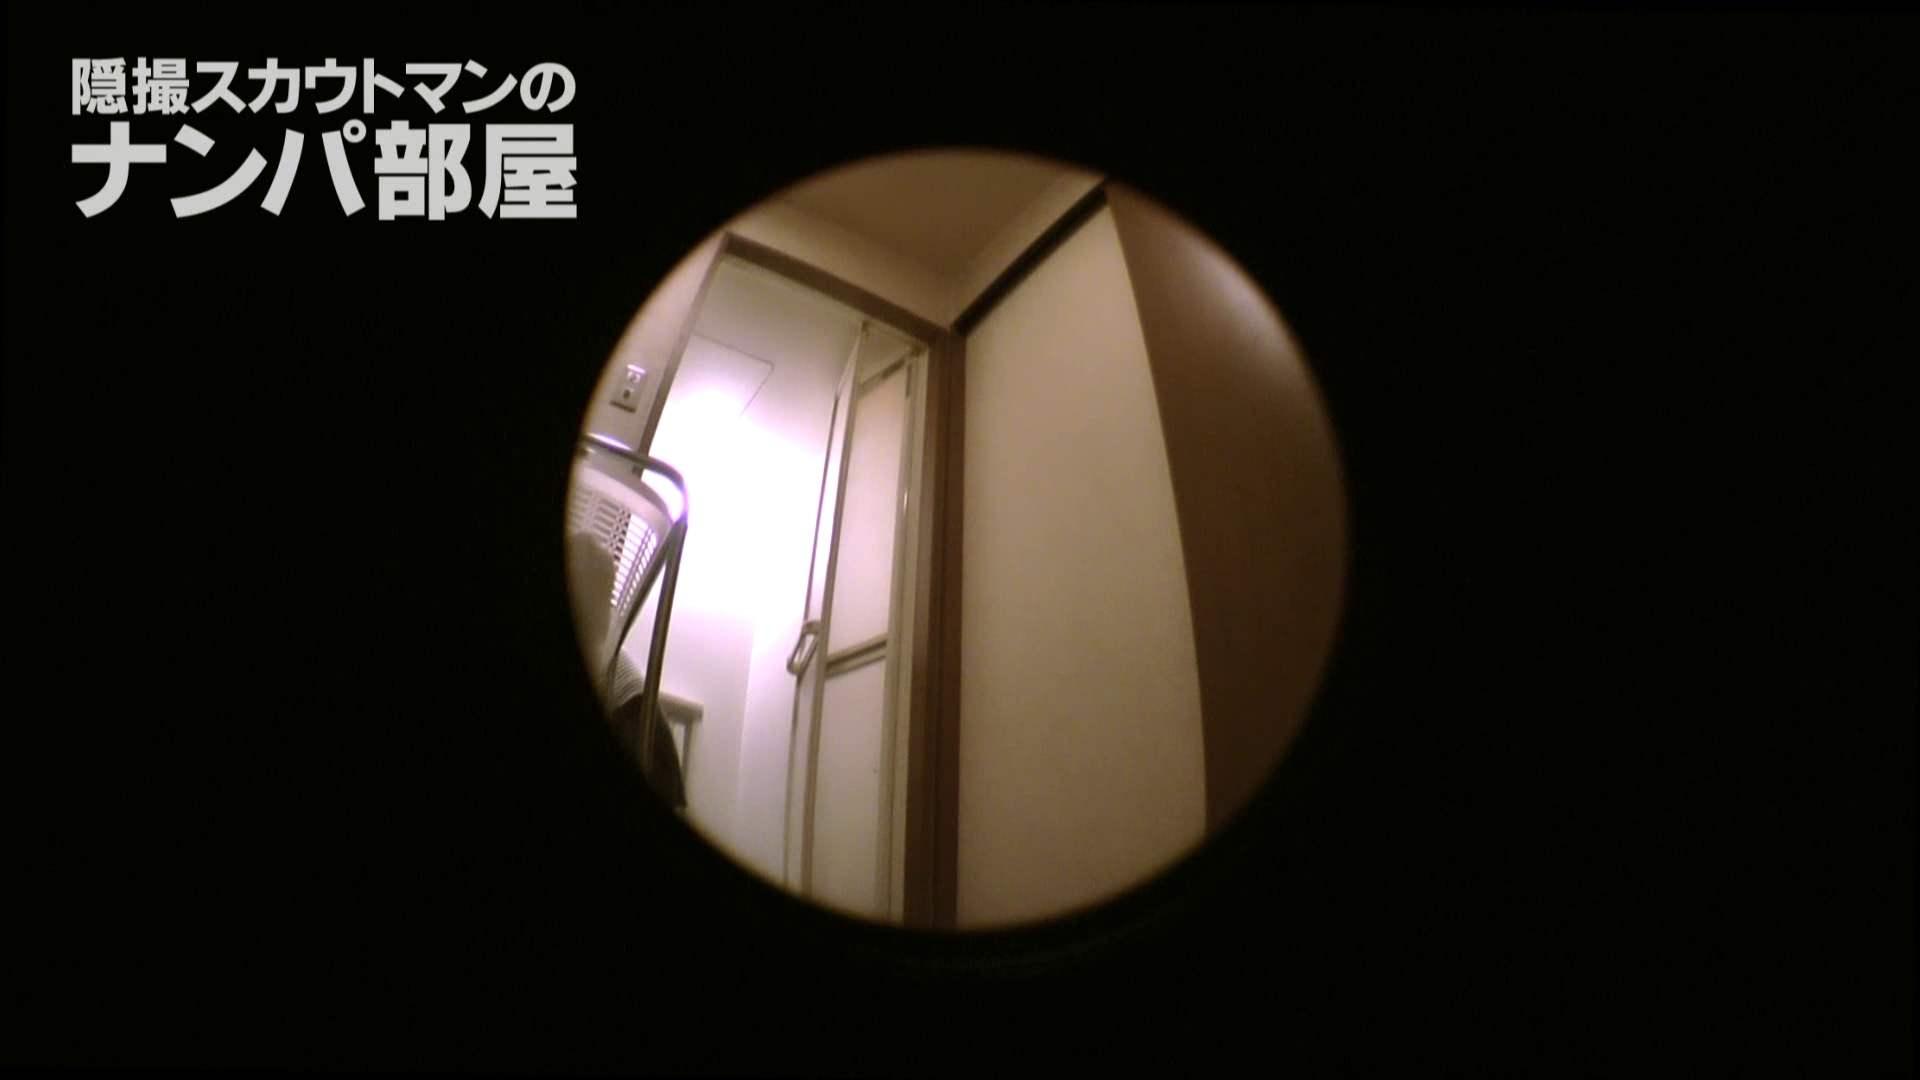 隠撮スカウトマンのナンパ部屋~風俗デビュー前のつまみ食い~ siivol.3 OLのエッチ ワレメ動画紹介 76pic 22